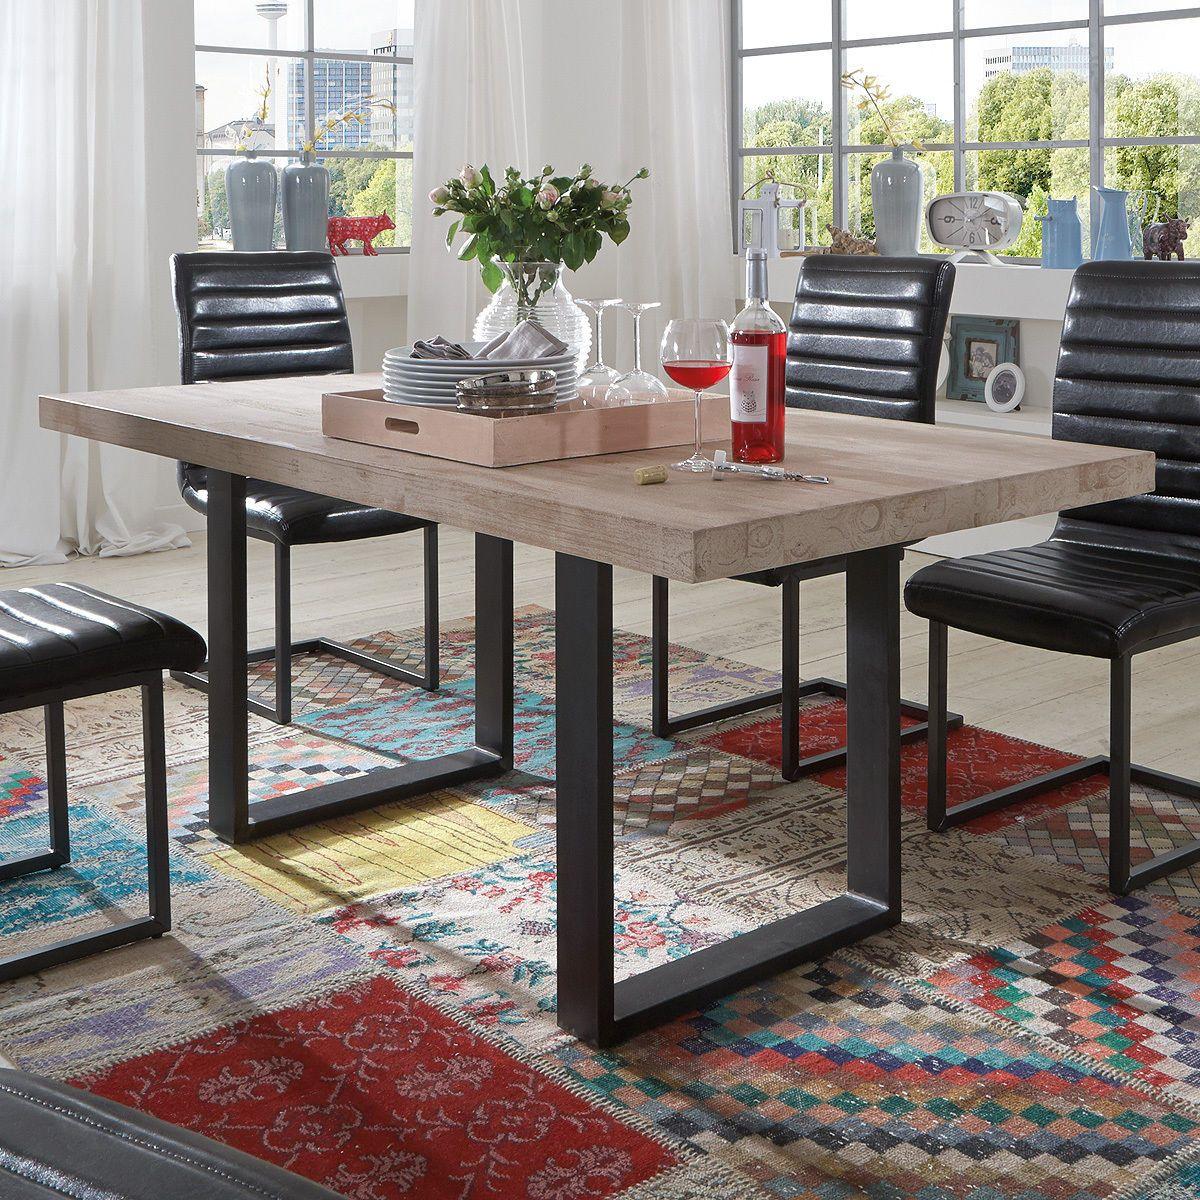 Stunning Tisch Esstisch Esszimmer M bel Massiv Elkenroth Wirges Sofa Lagerverkauf Fabrikverkauf Polsterm bel K che Stuhl Schwingstuhl